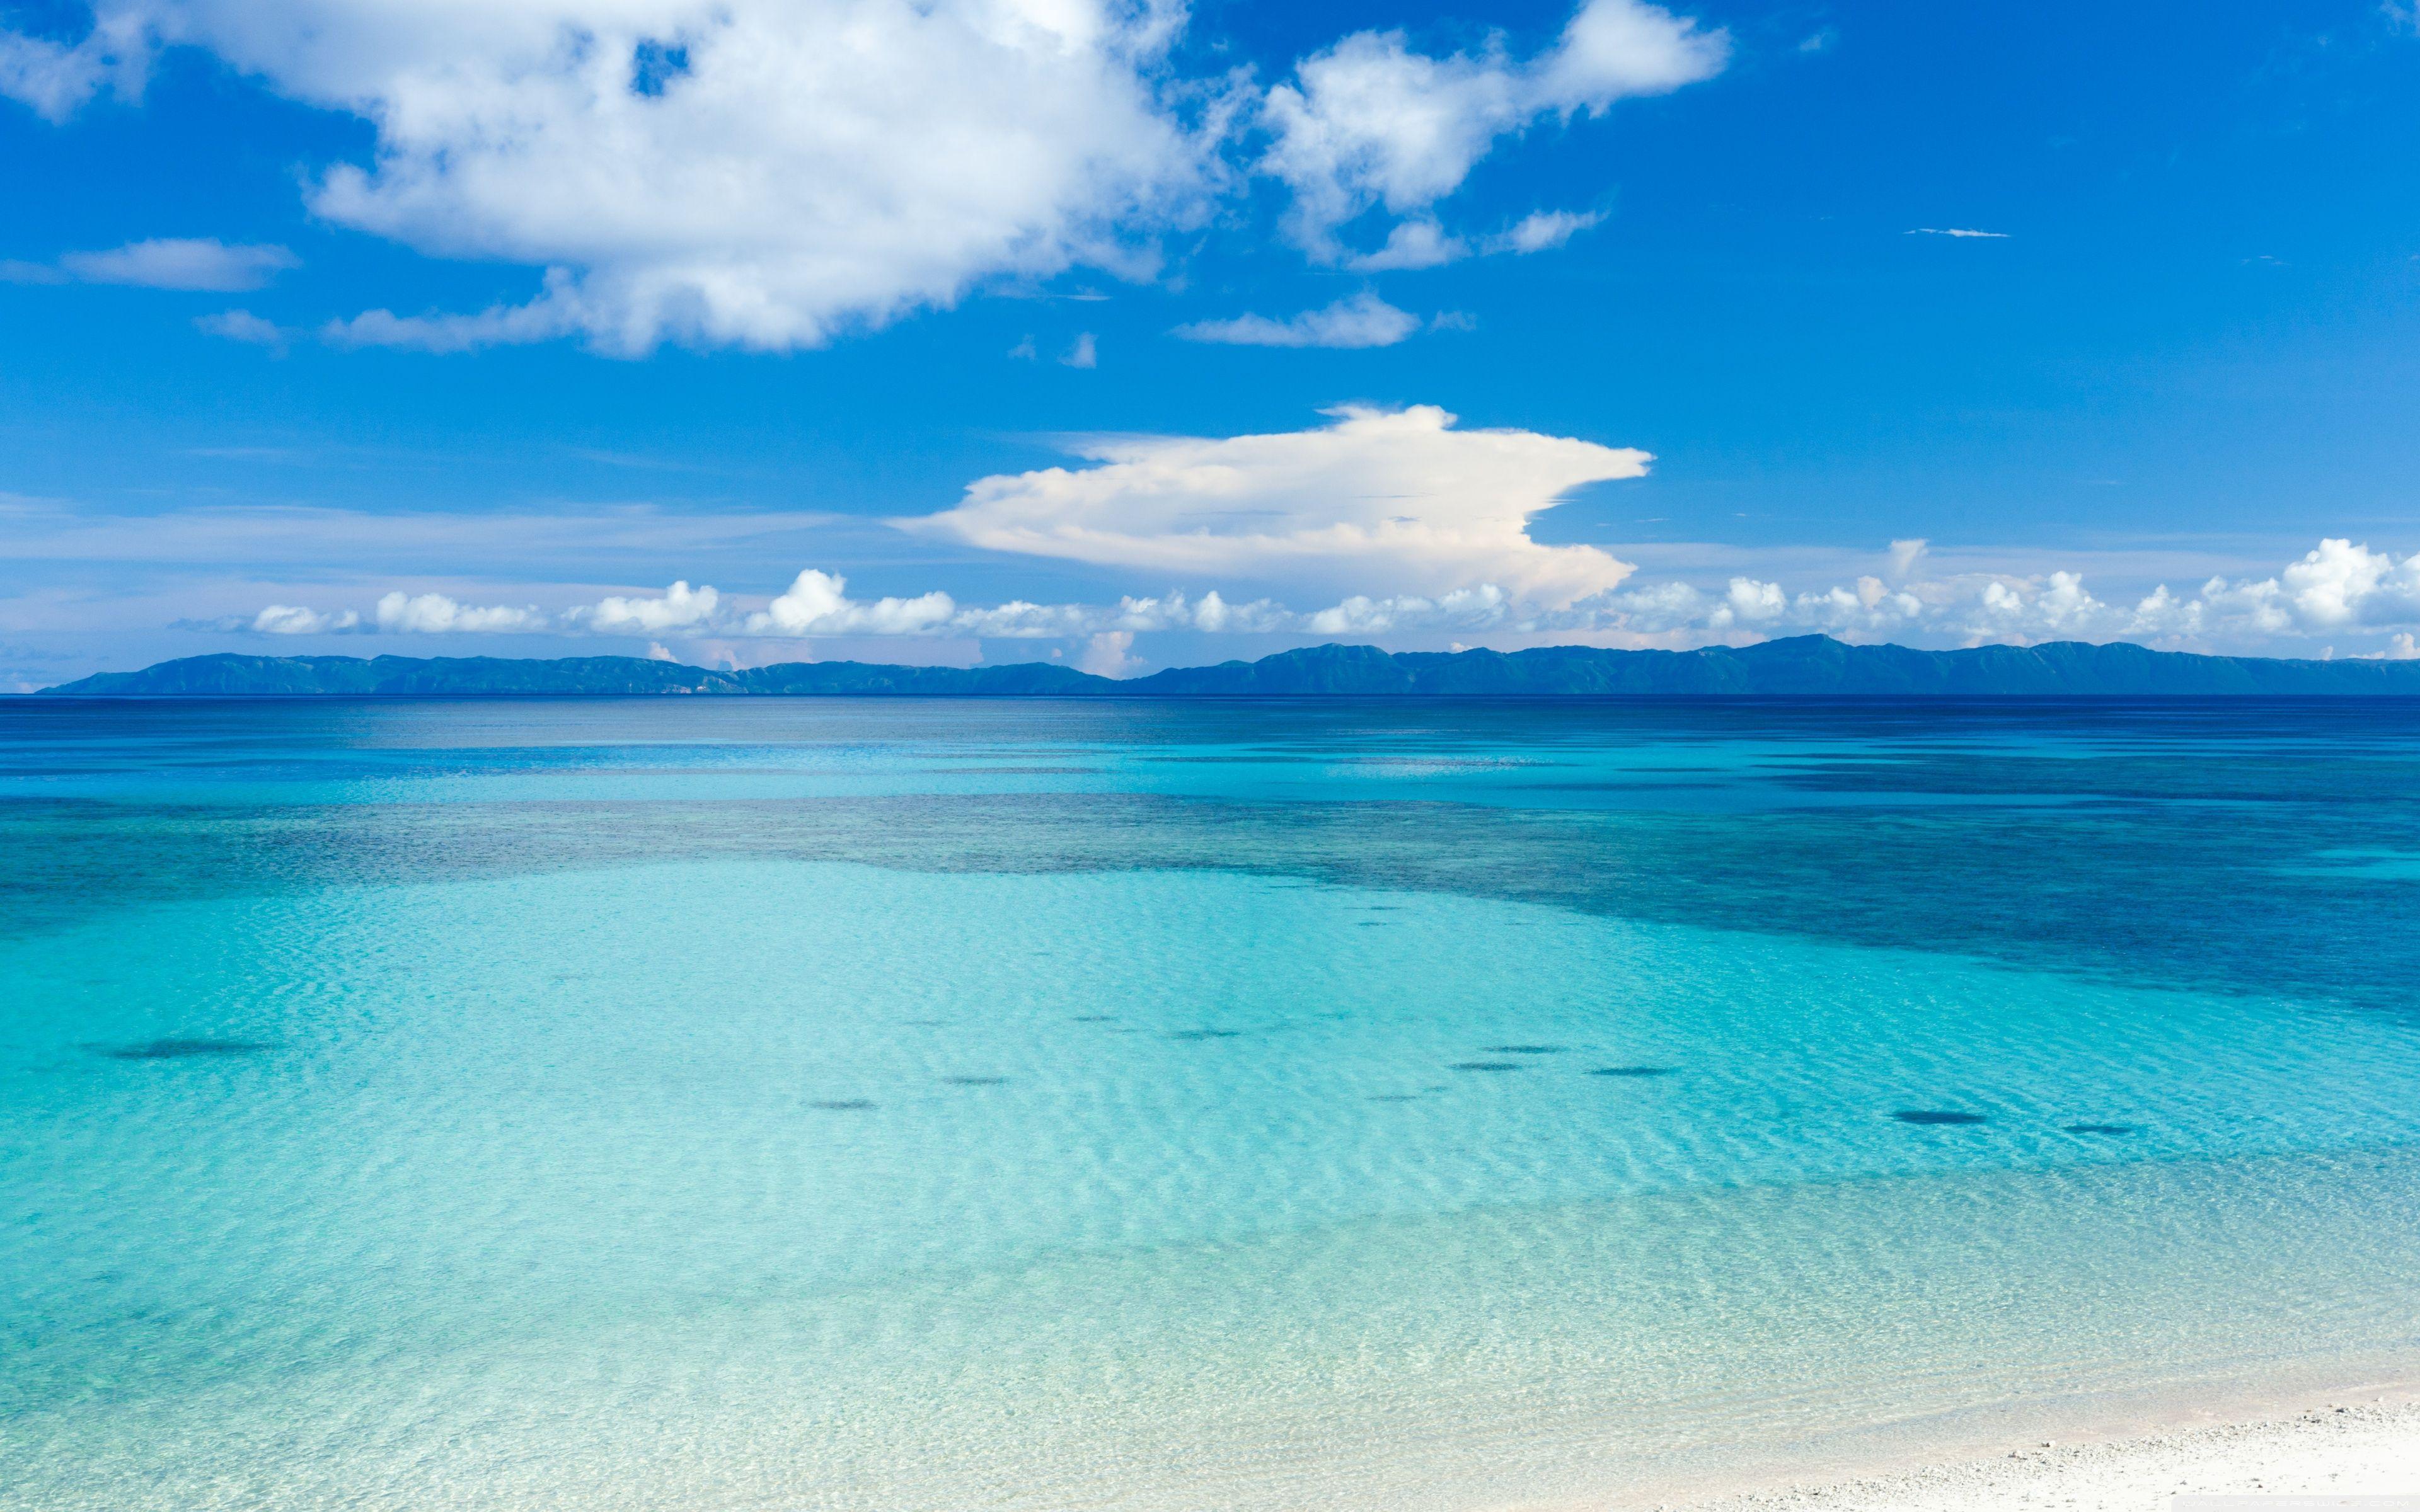 3840x2400 Island Beach View Toàn cảnh ❤ Hình nền máy tính để bàn HD 4K